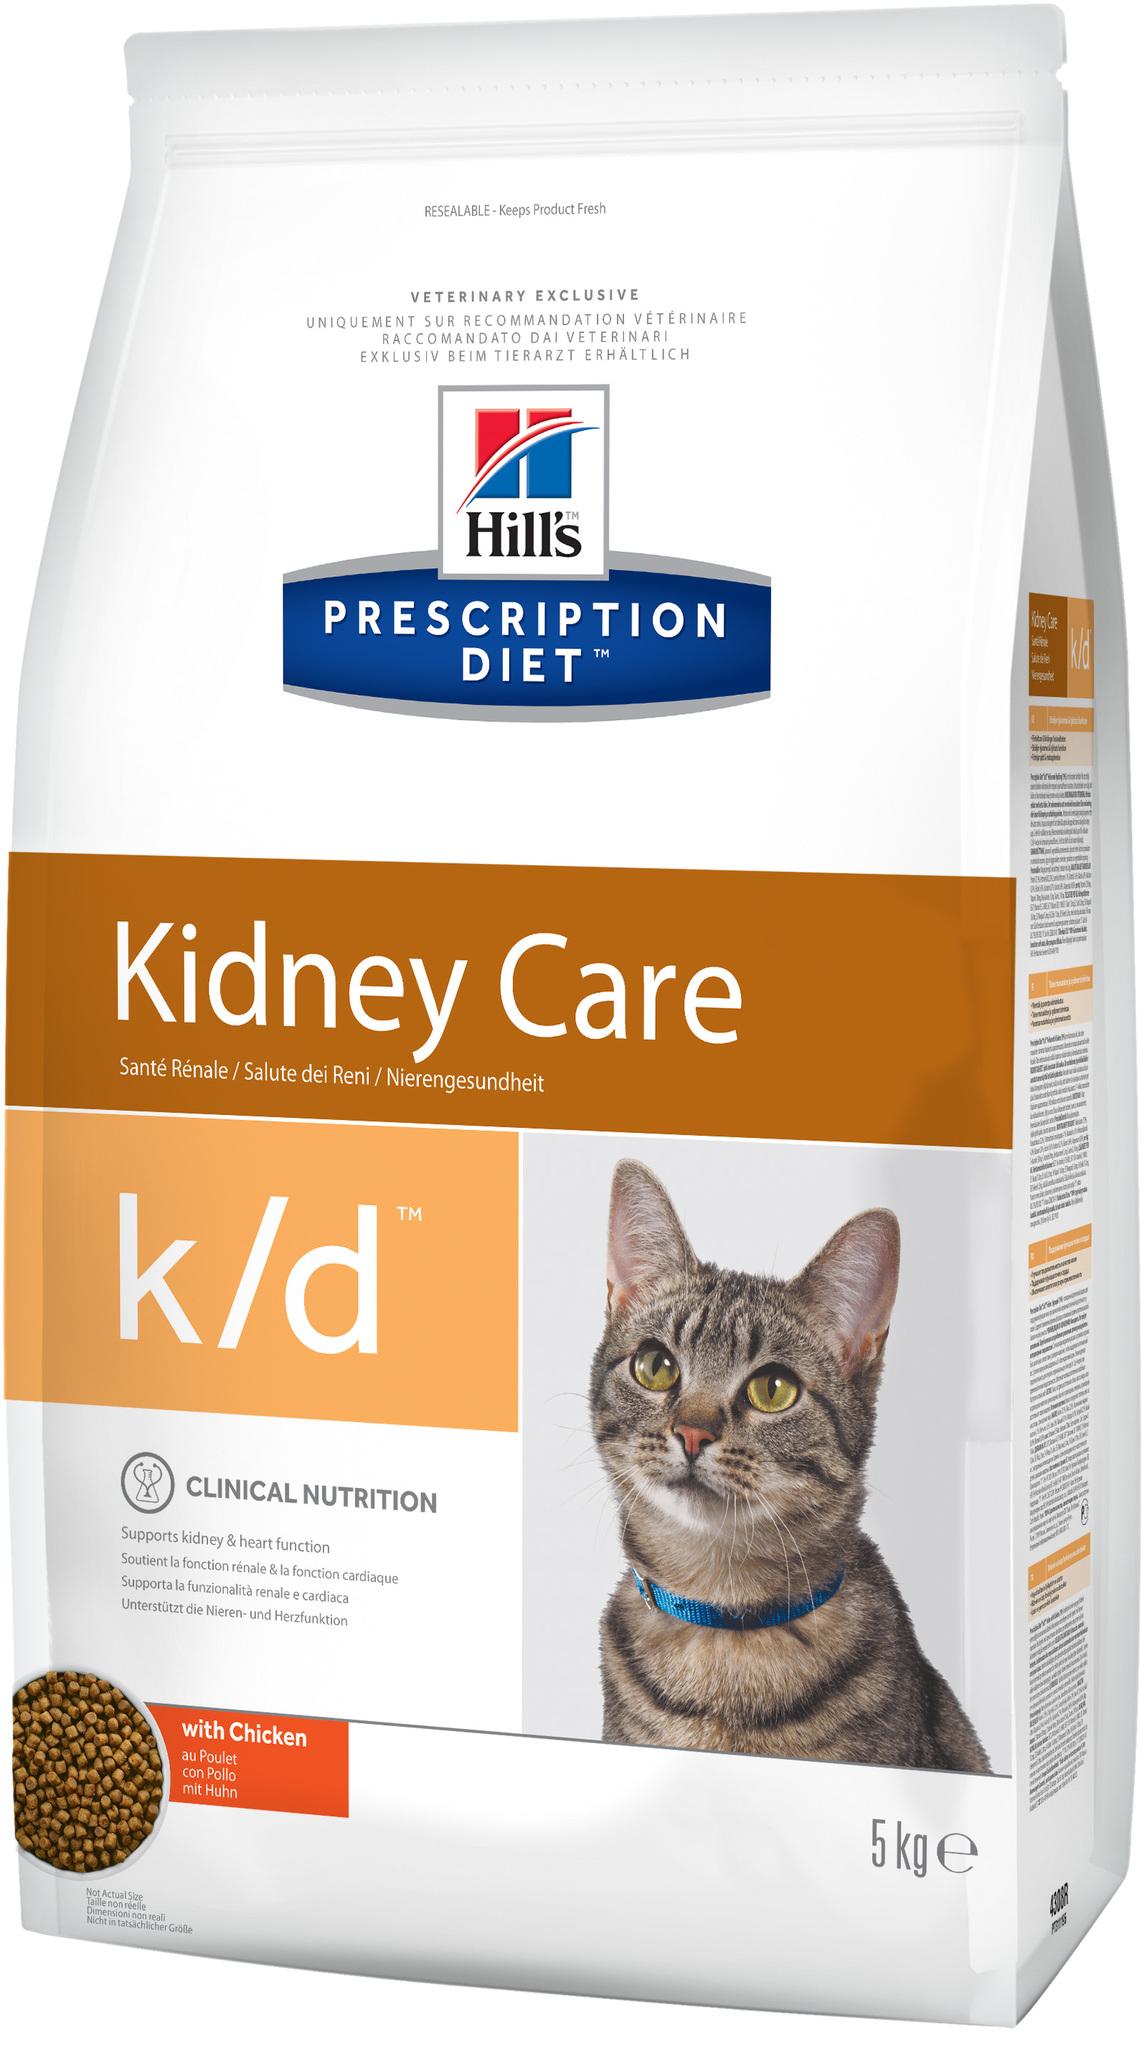 купить хиллс Hill's™ Prescription Diet™ Feline k/d™ Kidney Care with Chicken сухой корм для взрослых кошек, диетический рацион при заболеваниях почек, МКБ (оксалаты, ураты)